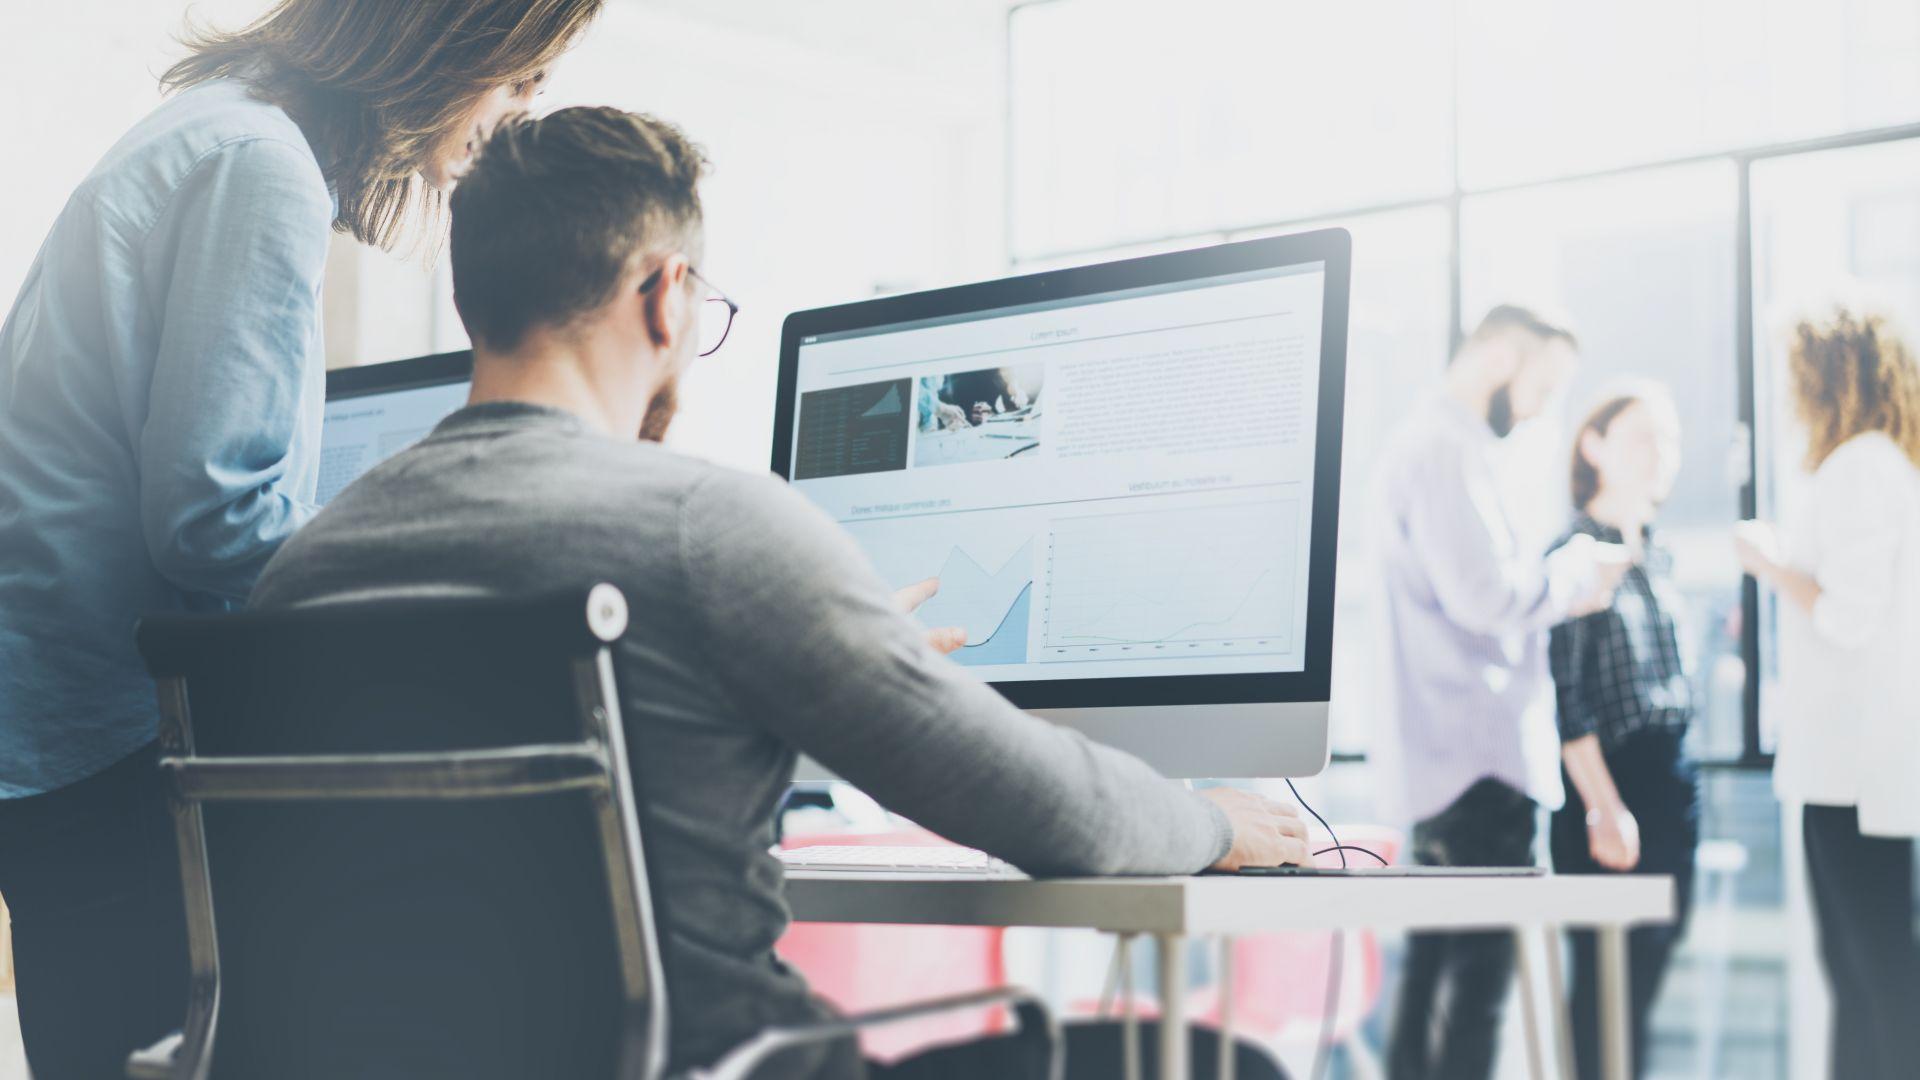 България е сред водещите IT аутсорсинг дестинации